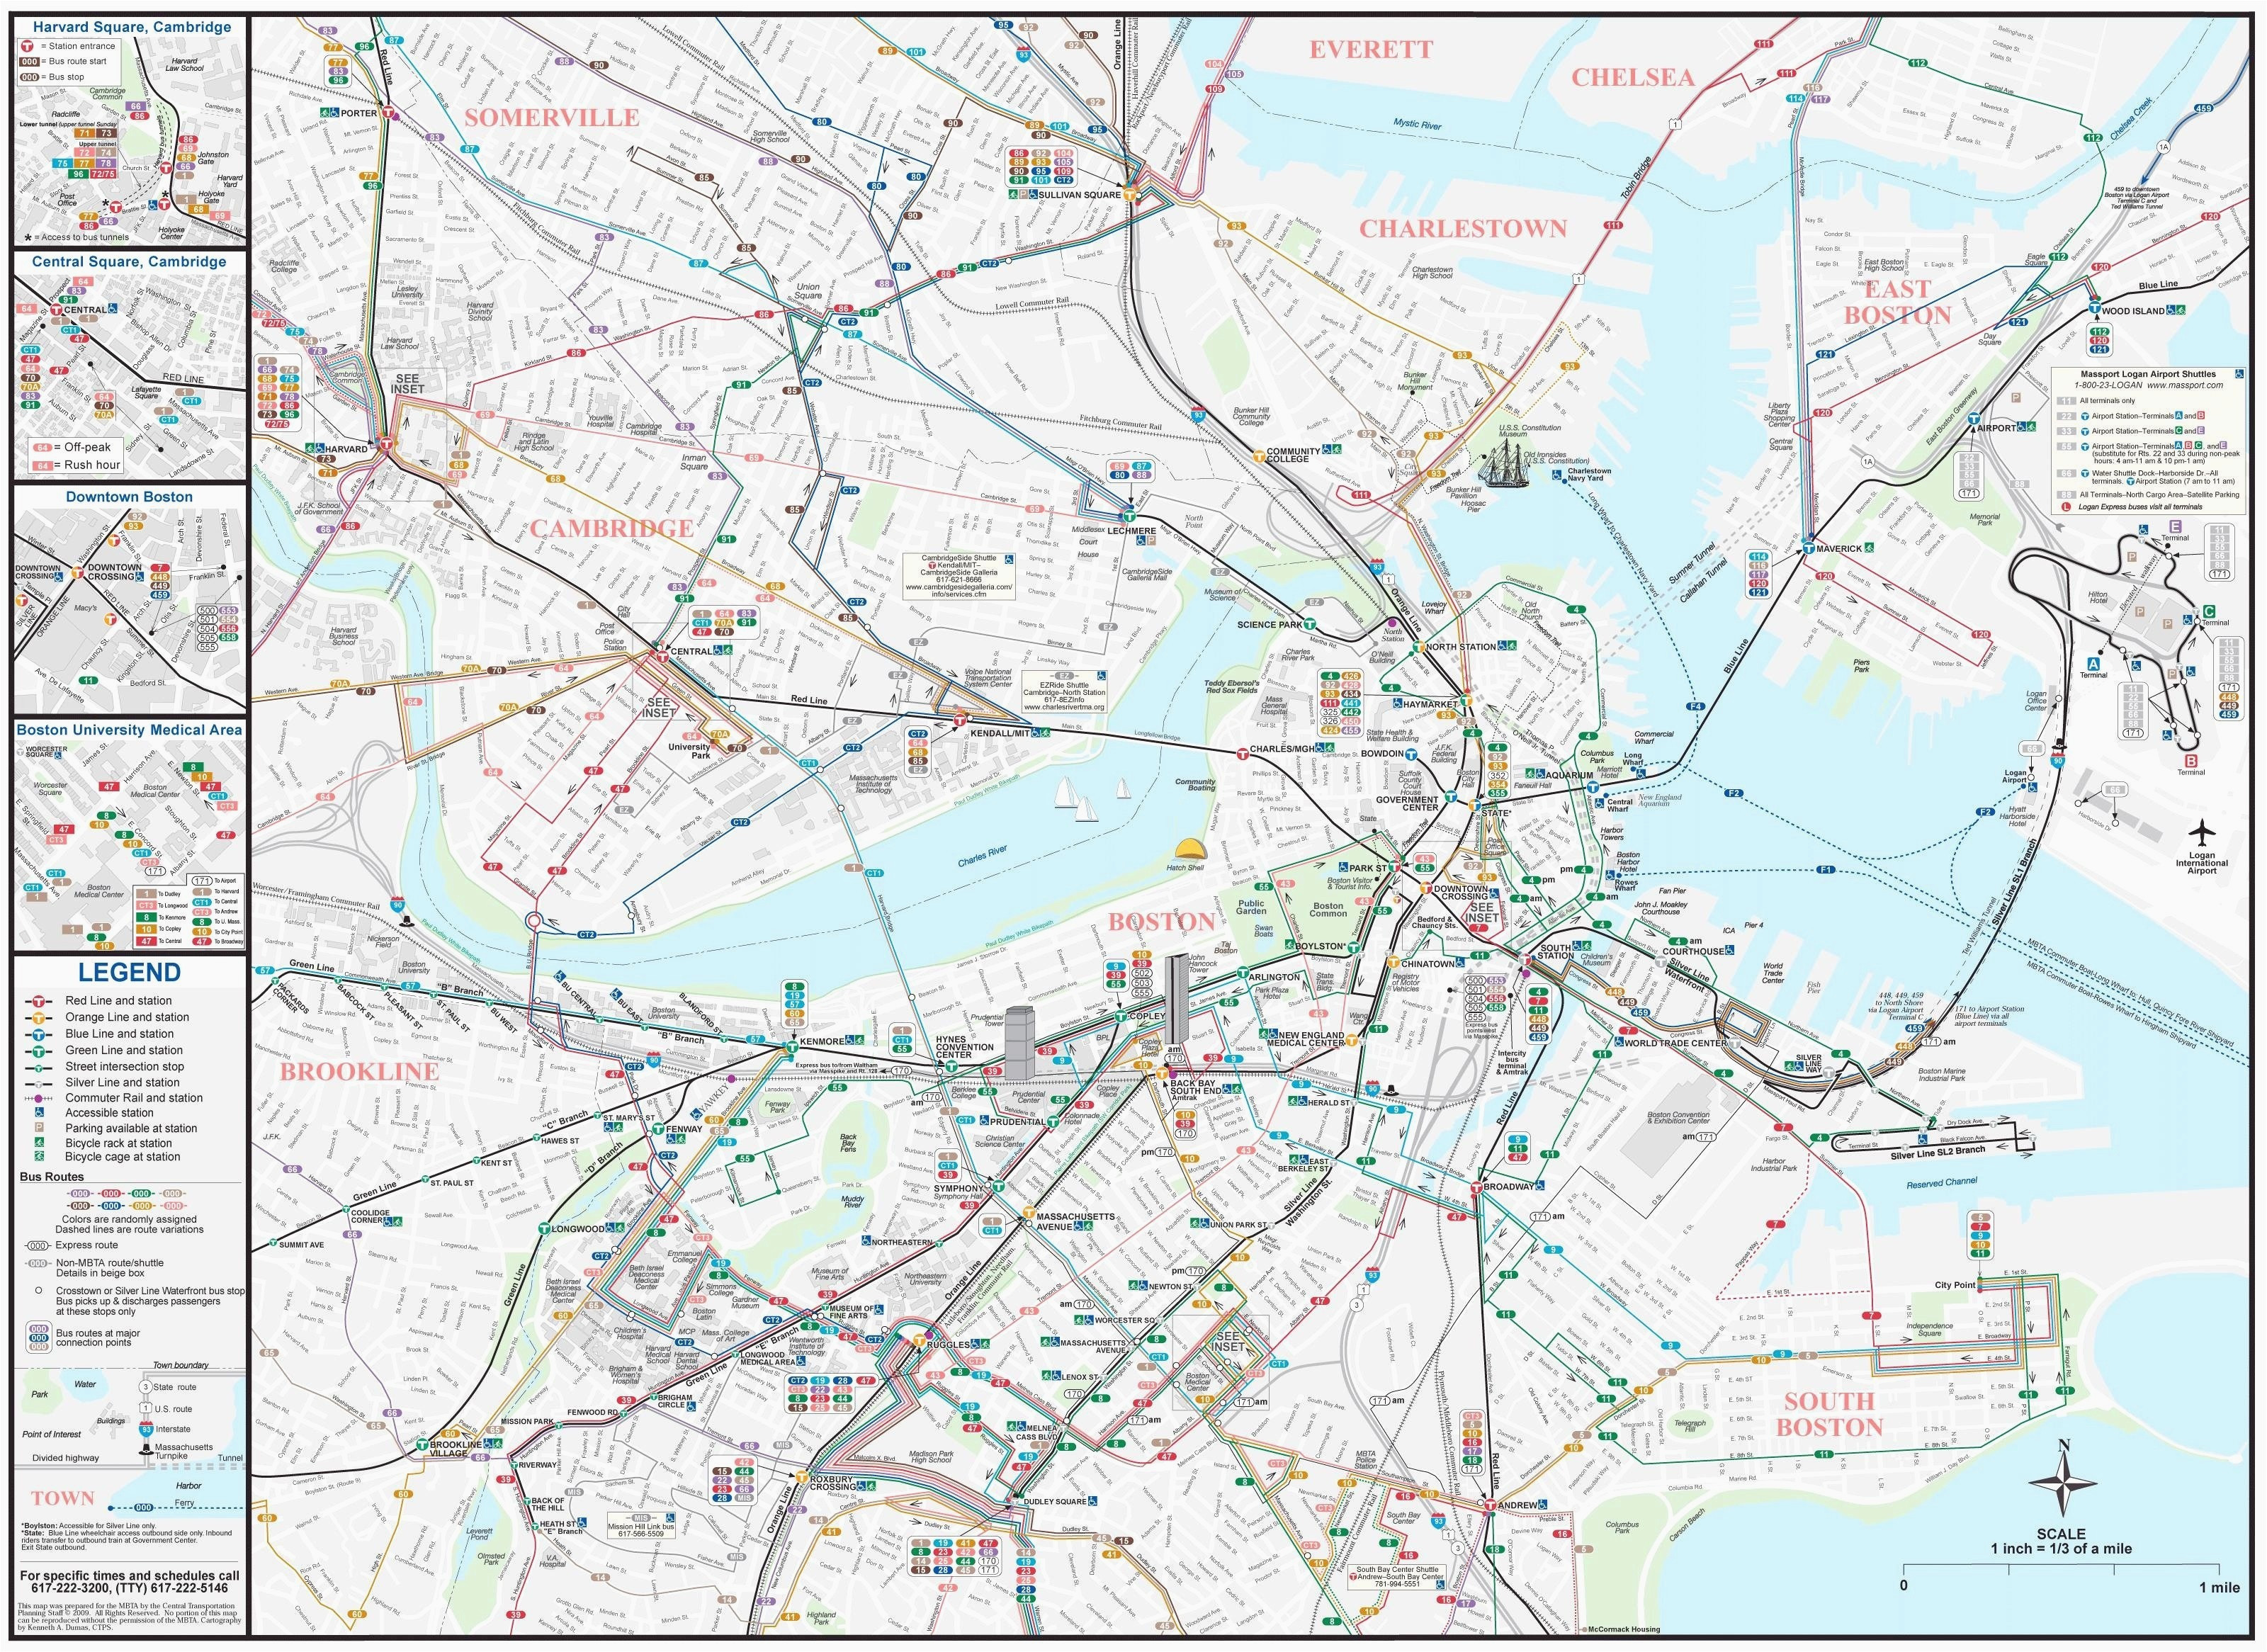 united states map of arizona new map the americas image i pinimg